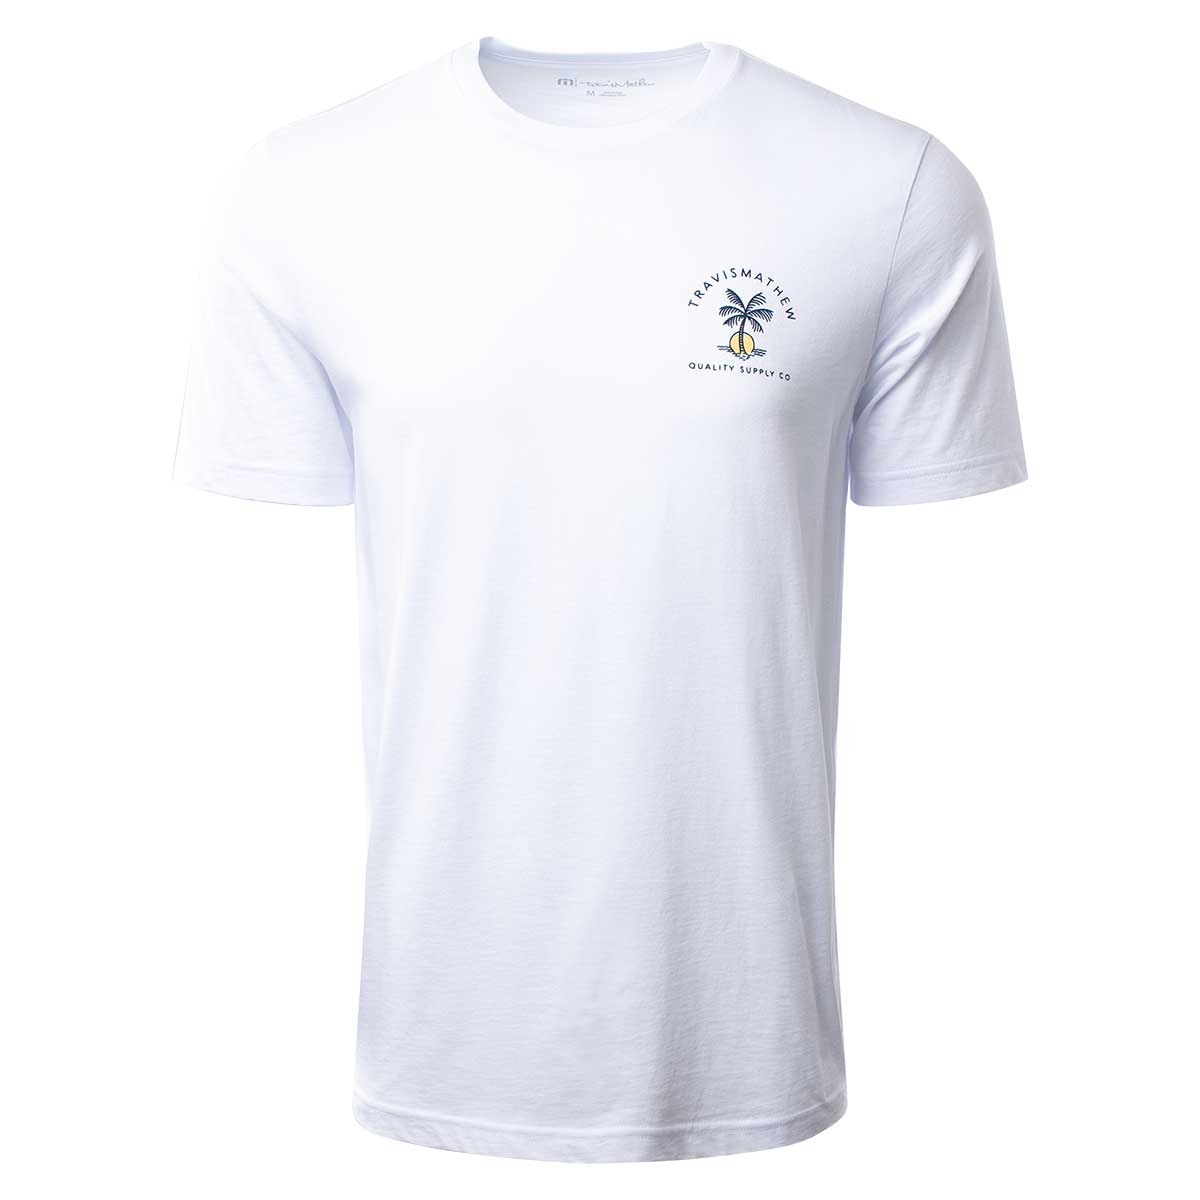 TravisMathew 2021 Meet and Greet T-Shirt